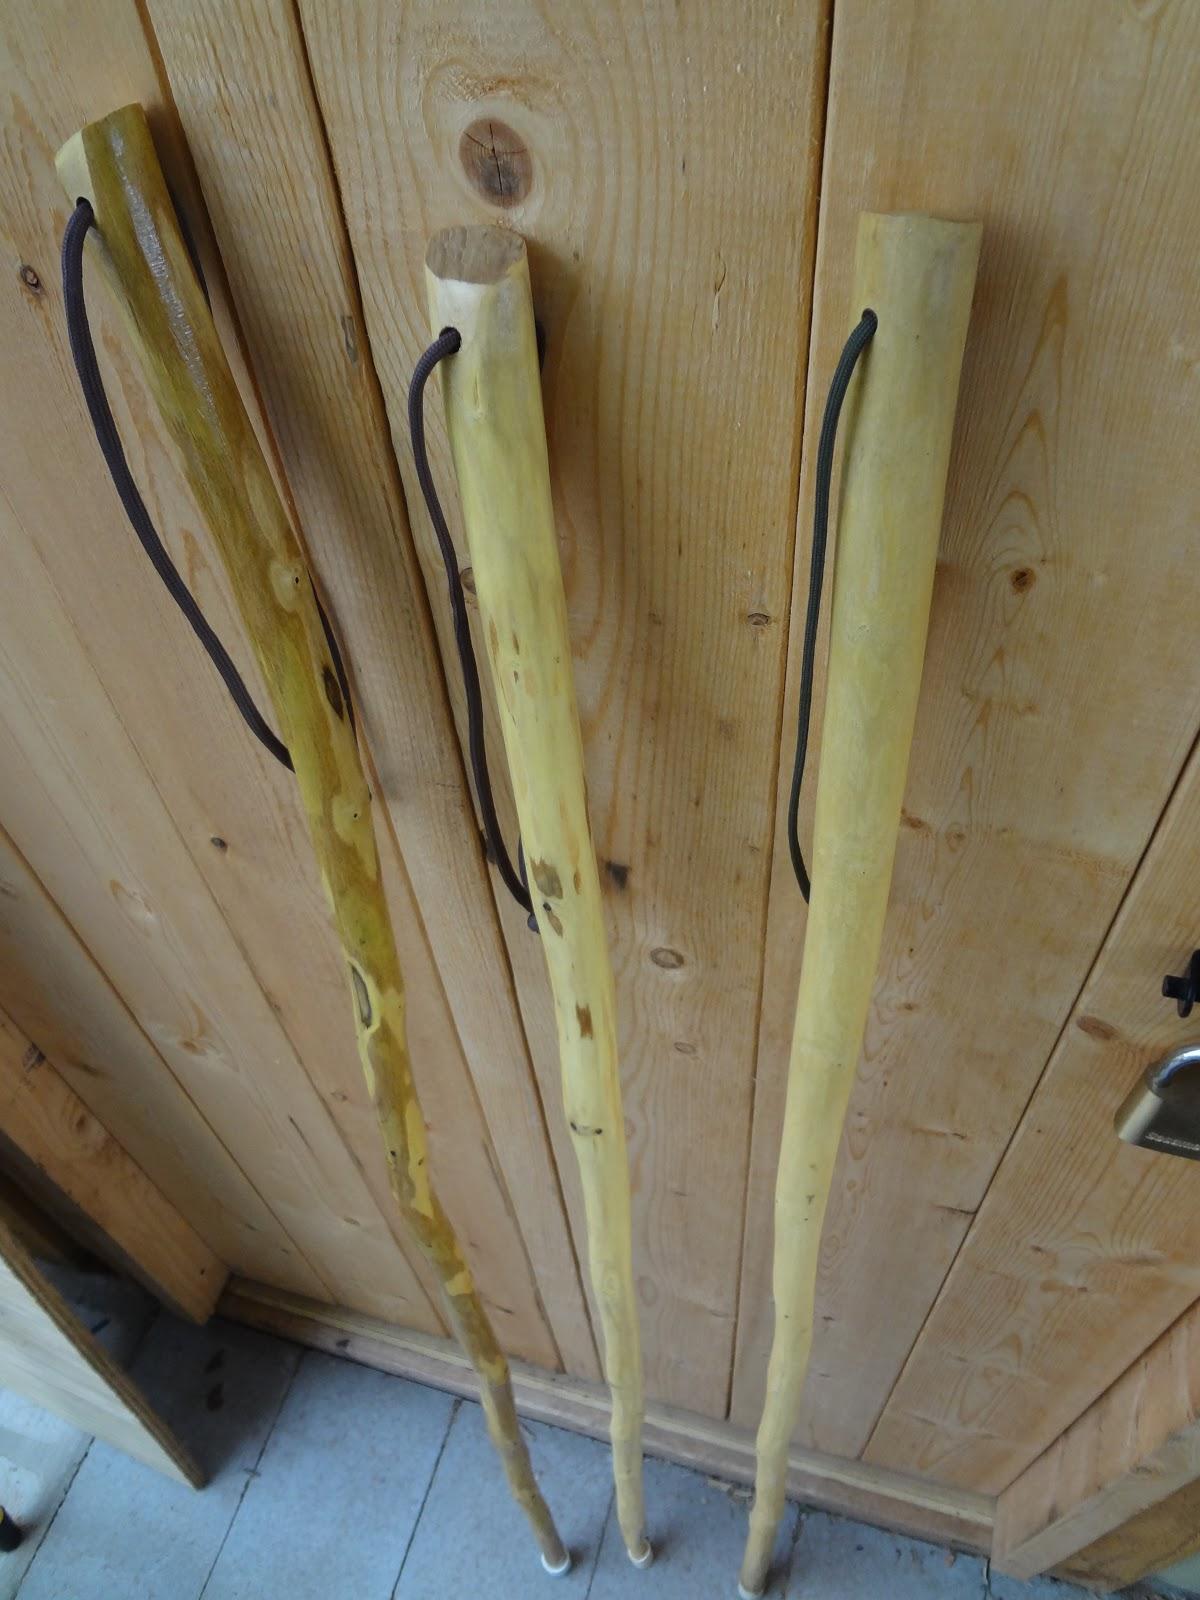 Bamboo Stcik People ~ The woods roamer walking stick